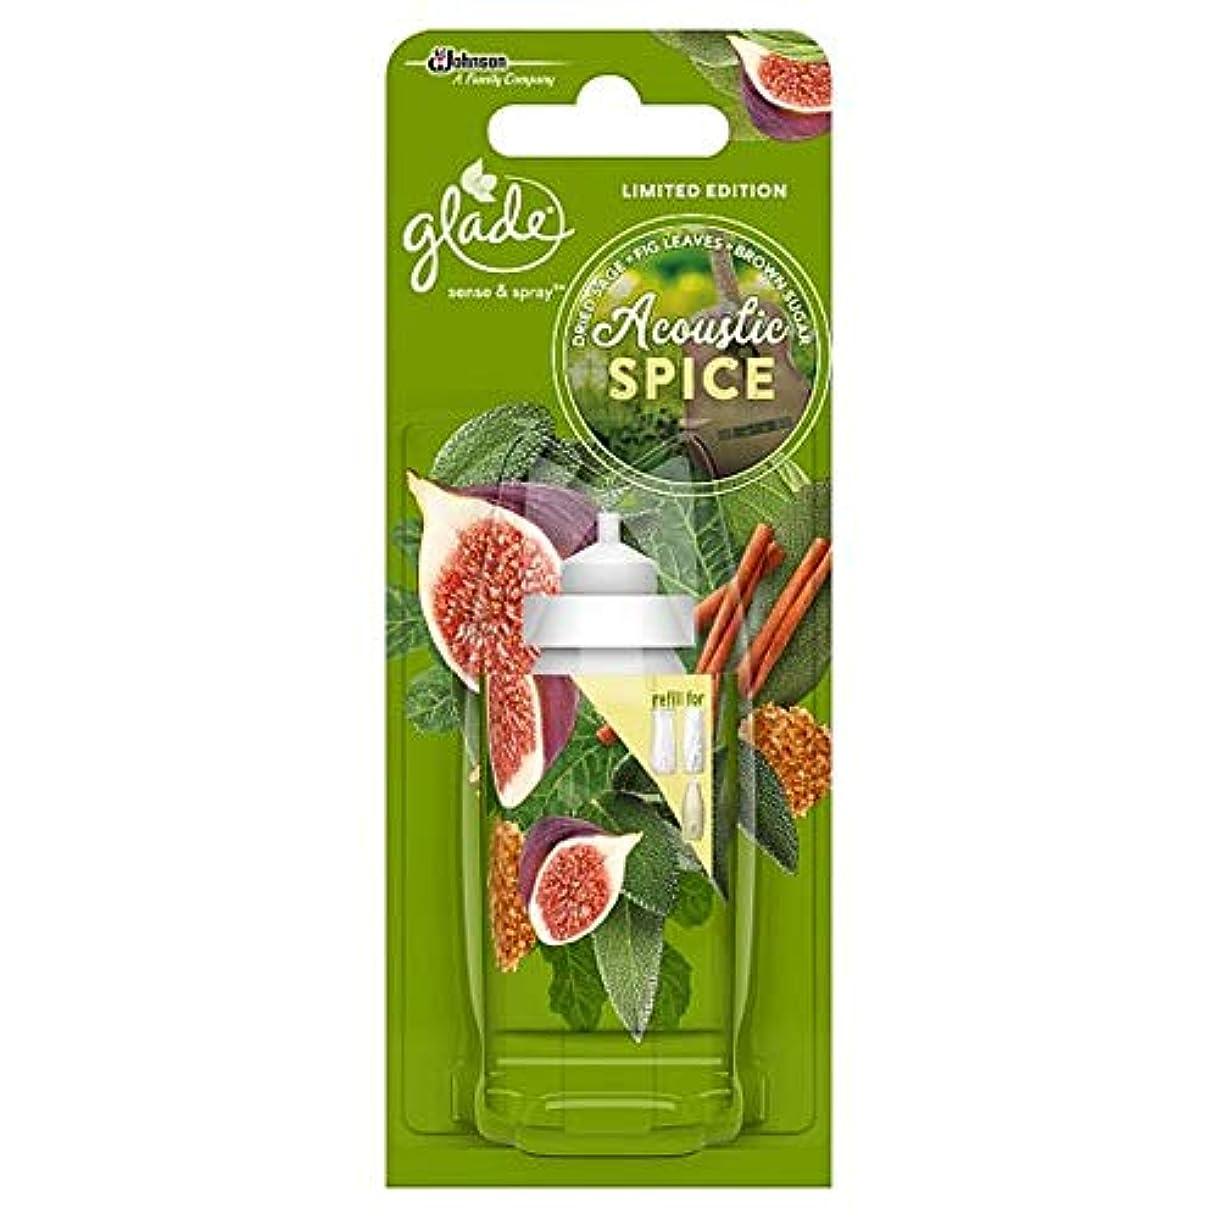 スピーチバック忌まわしい[Glade] 音響スパイス感を空き地やリフィル18ミリリットルスプレー - Glade Acoustic Spice Sense And Spray Refill 18Ml [並行輸入品]